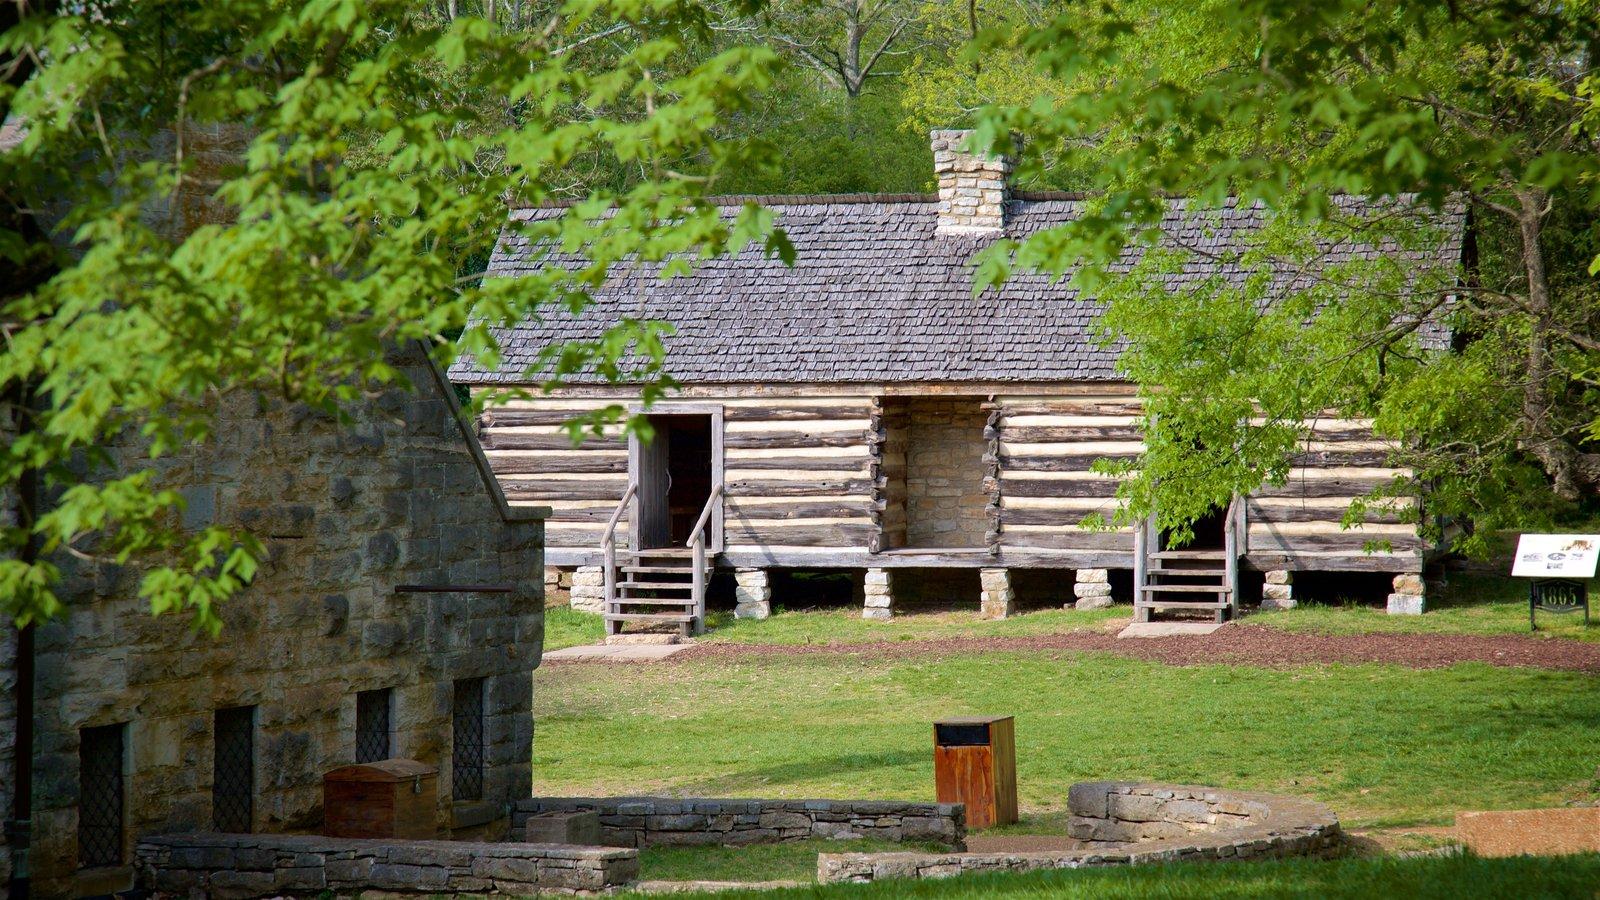 Belle Meade Plantation que incluye elementos del patrimonio